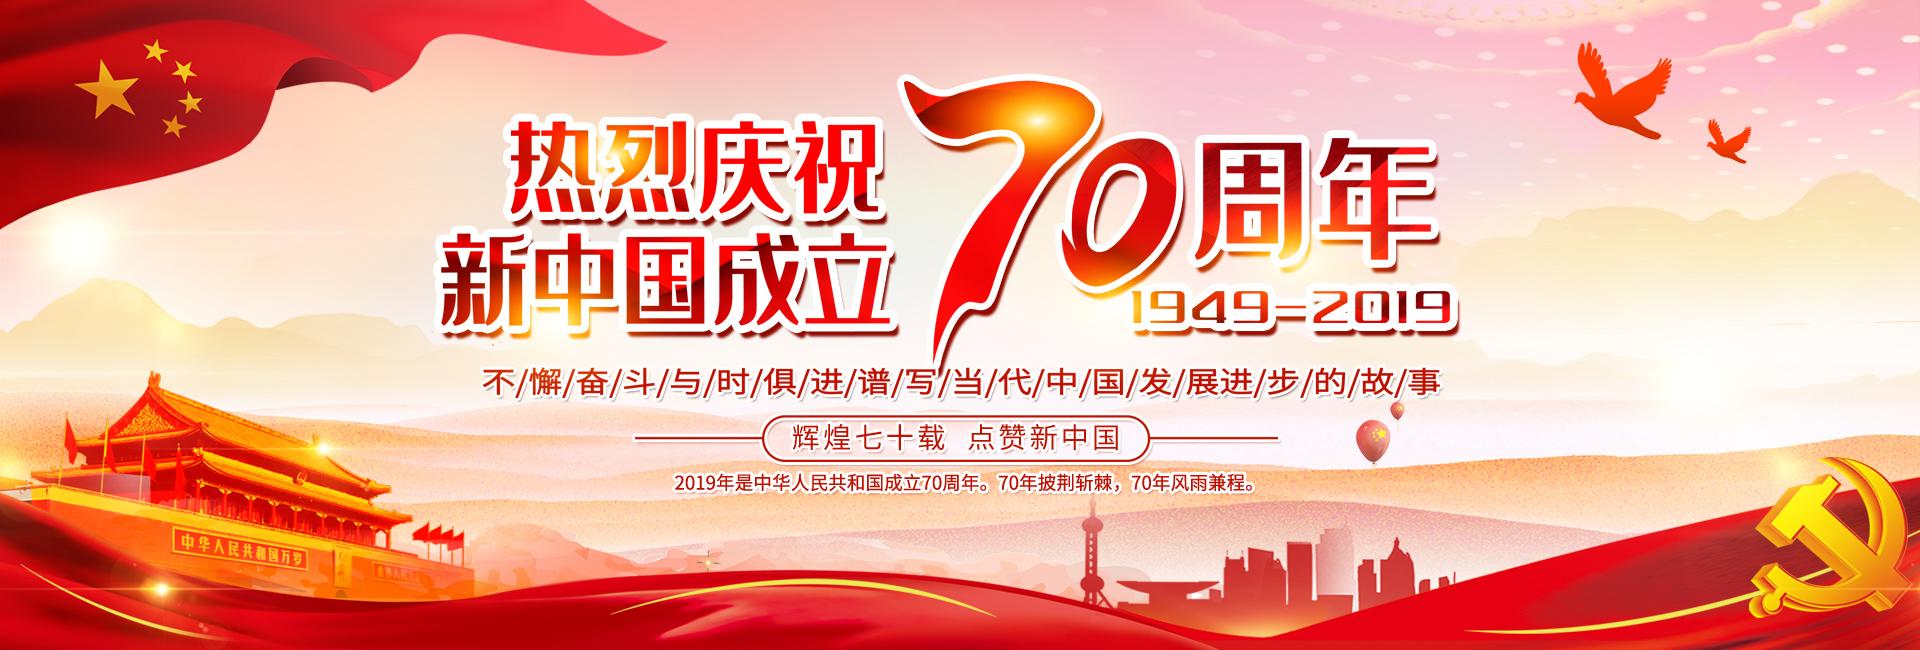 热烈庆祝70周年